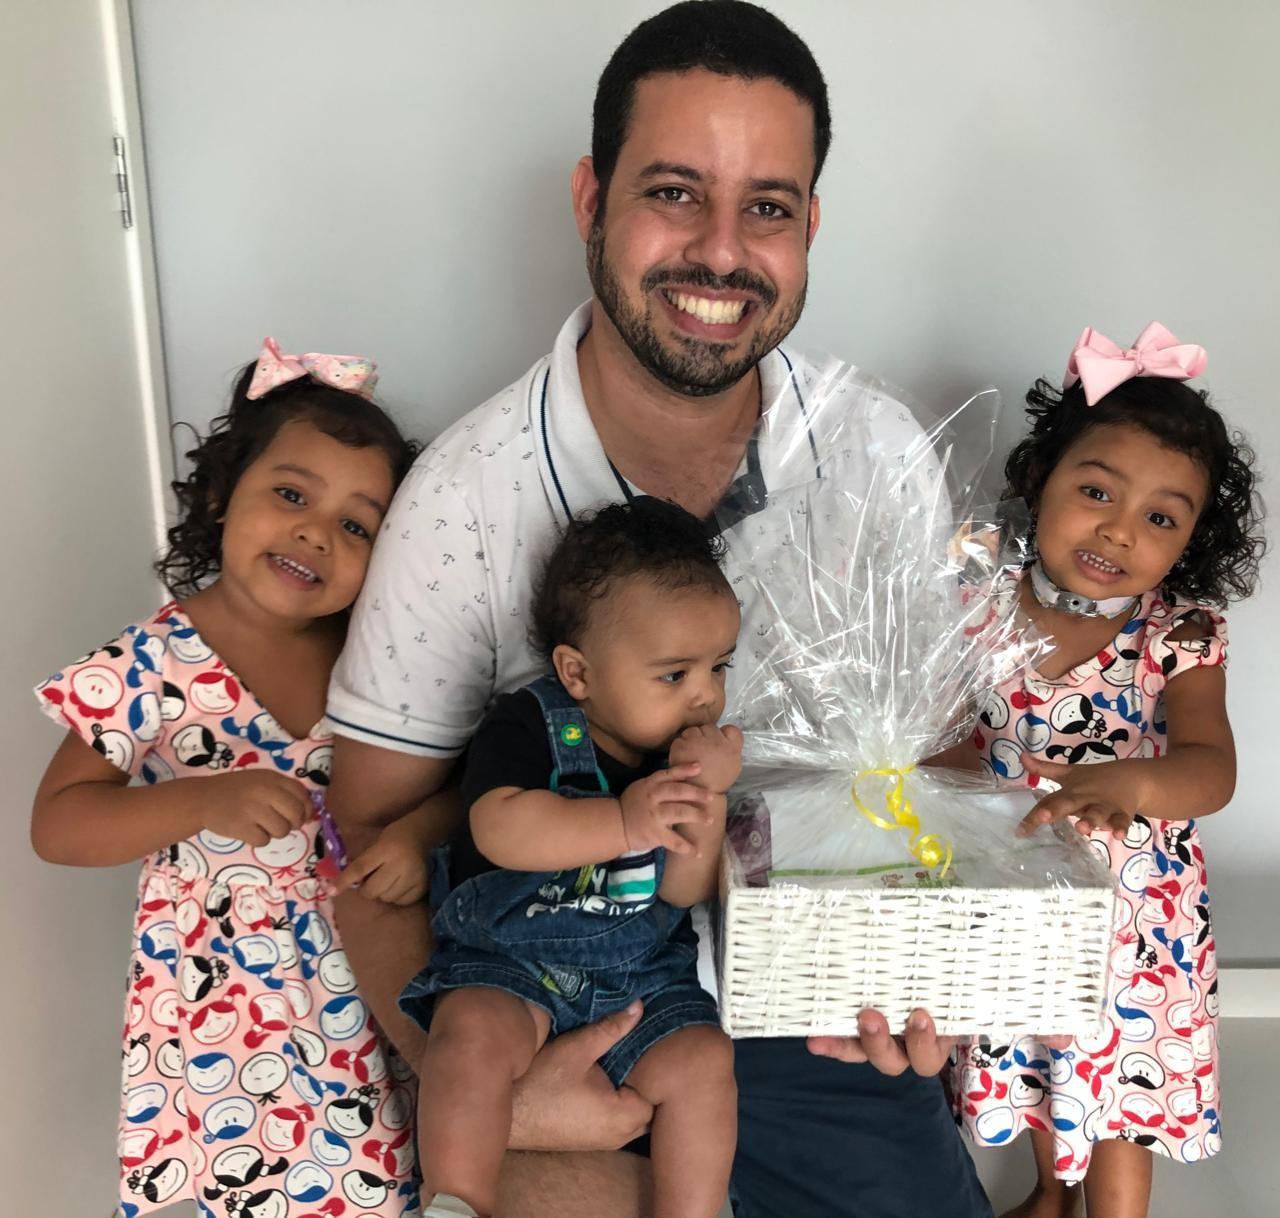 Pai que adotou menina e dois anos encontrou gêmea da filha vive Dia dos Pais diferente: 'experiência nova e muito gostosa'